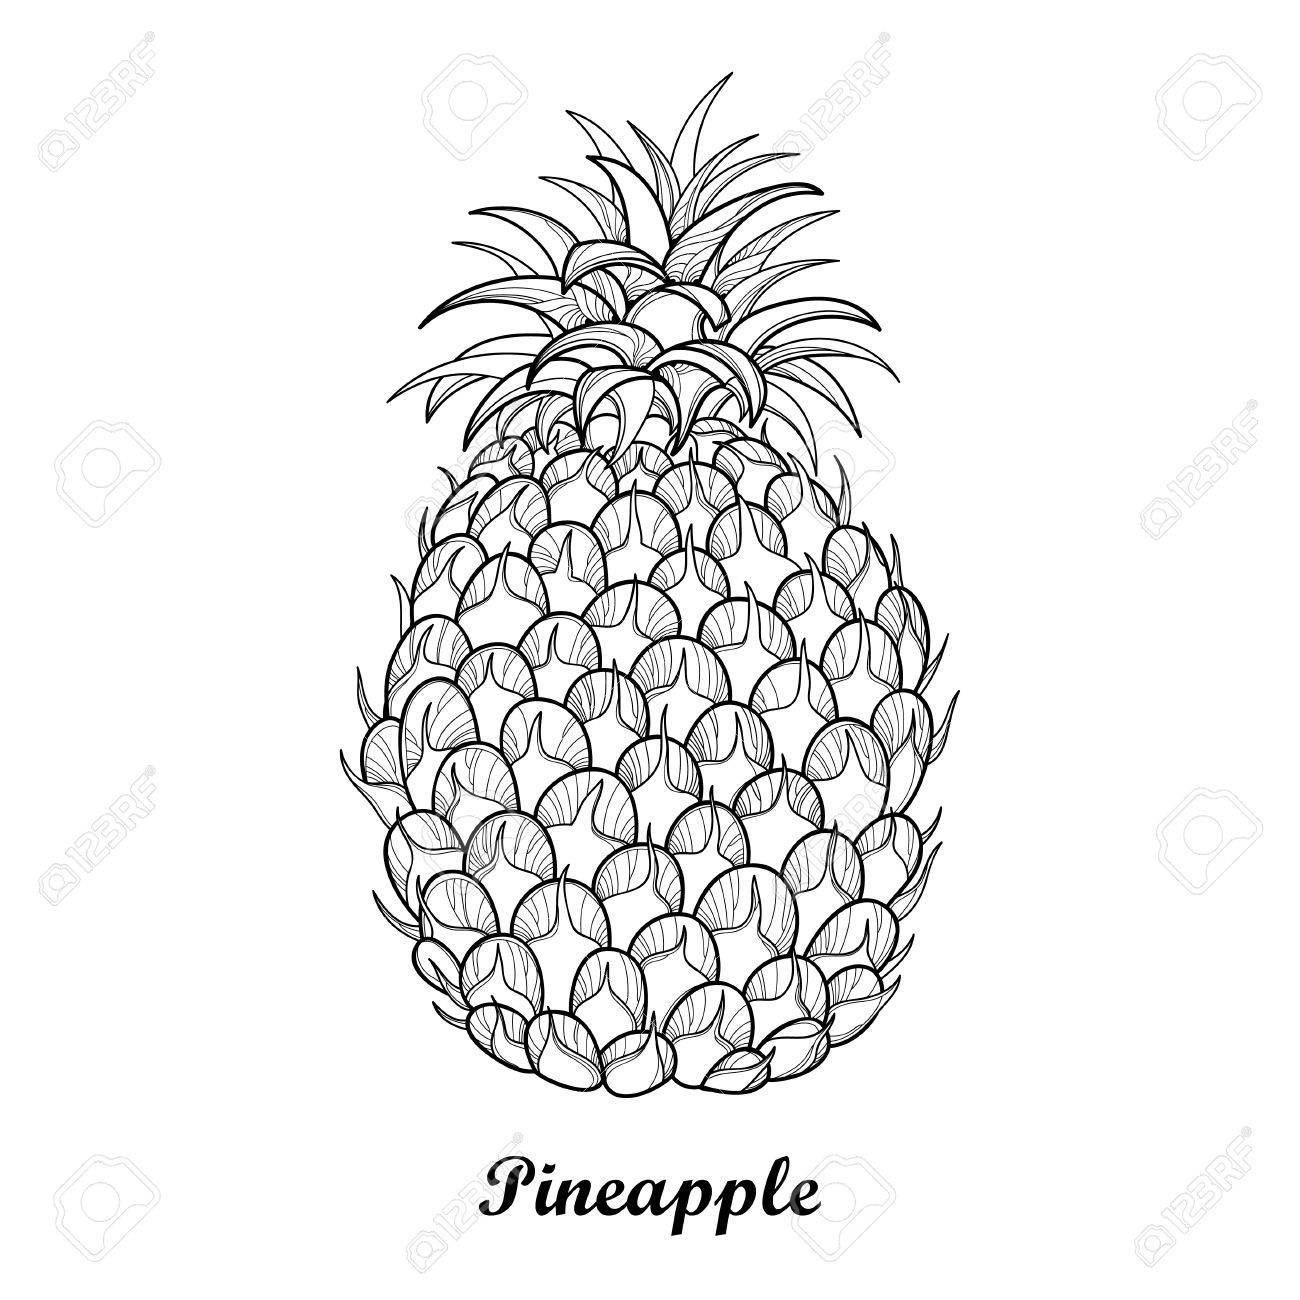 Dibujo Con Contorno Ananas O Piña Frutas Y Hojas En Negro Aislado ...